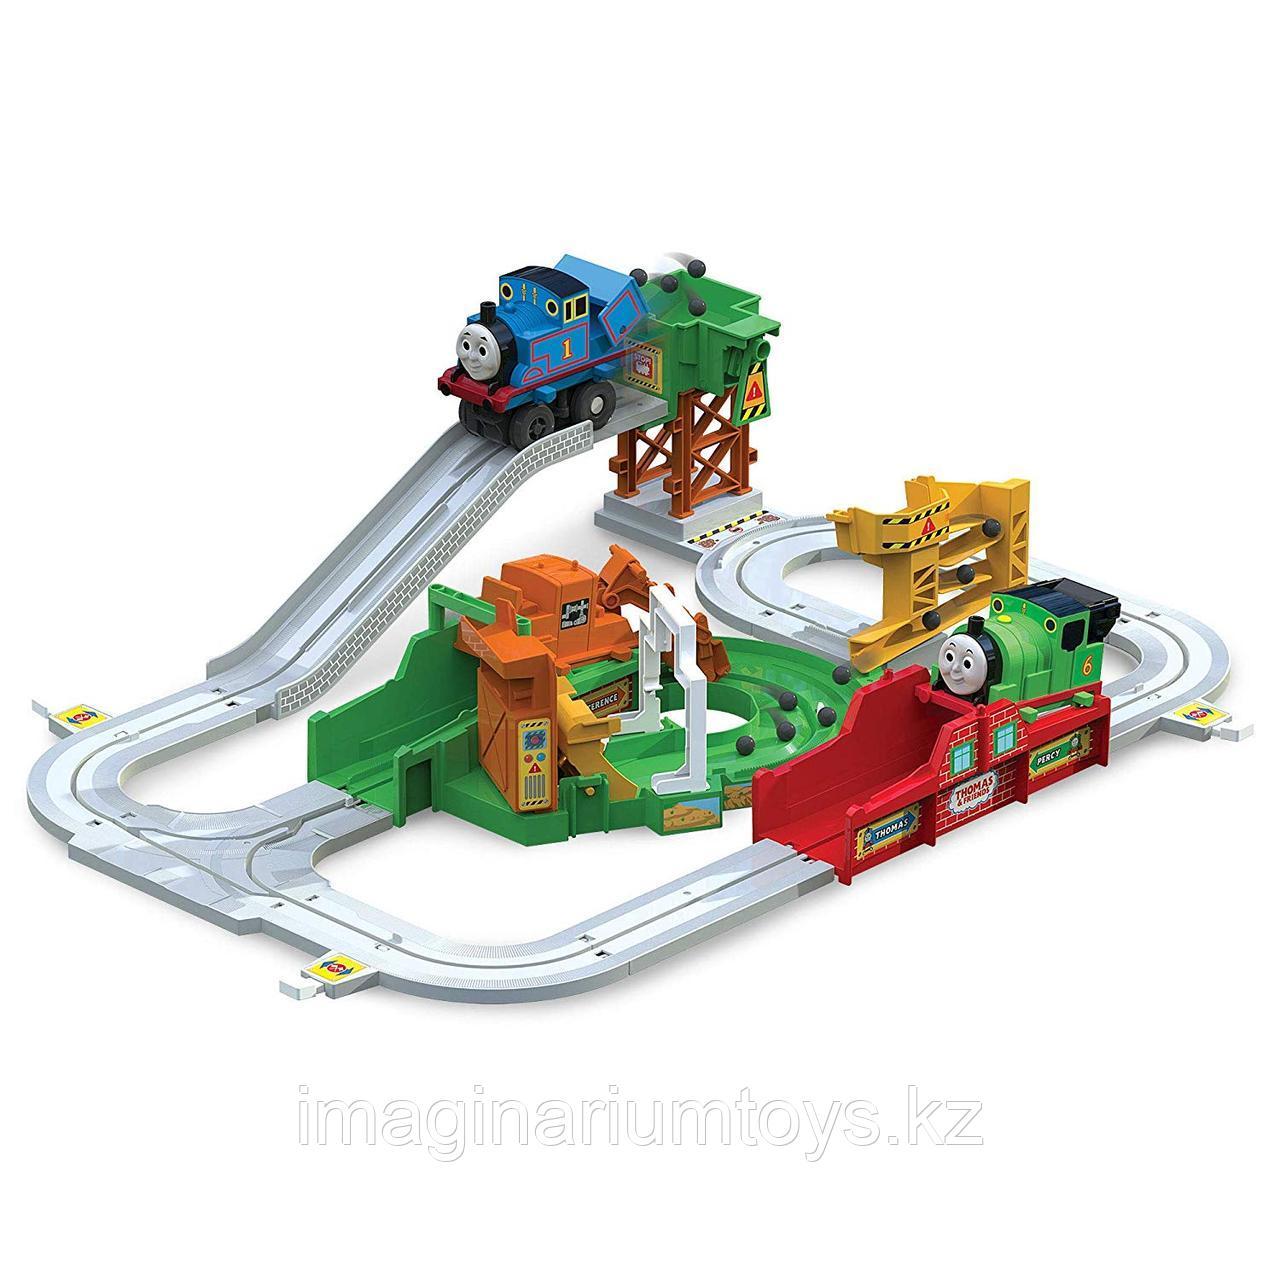 Детская железная дорога с паровозиком Томасом